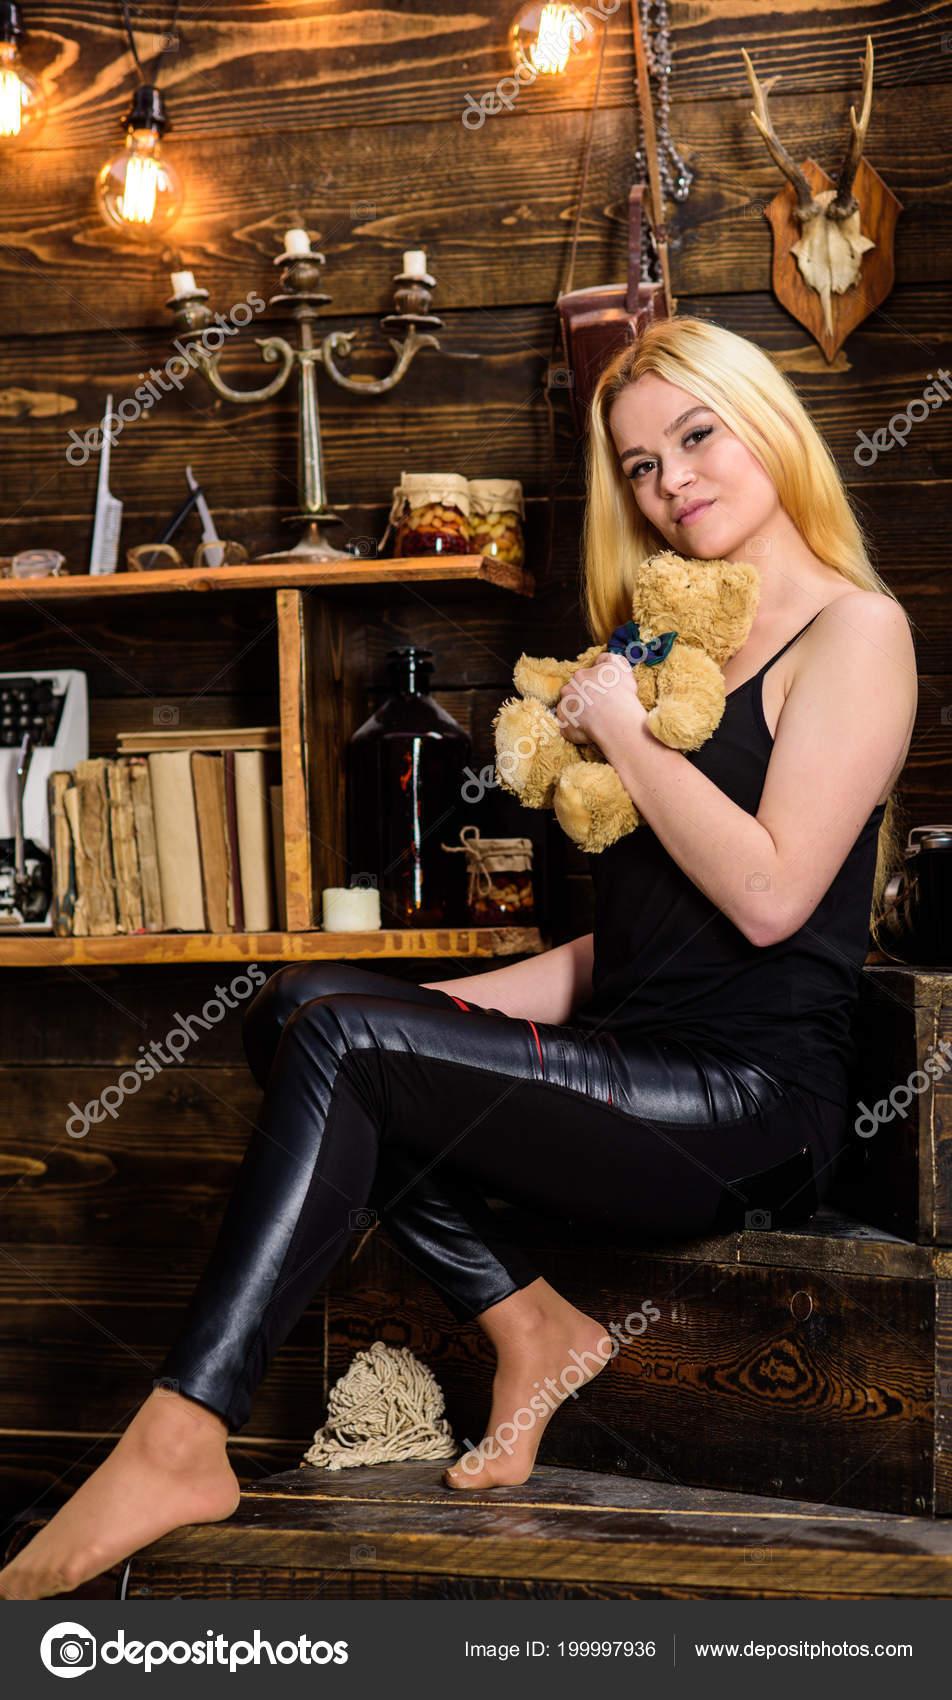 jouir dans des leggings amature porno photos